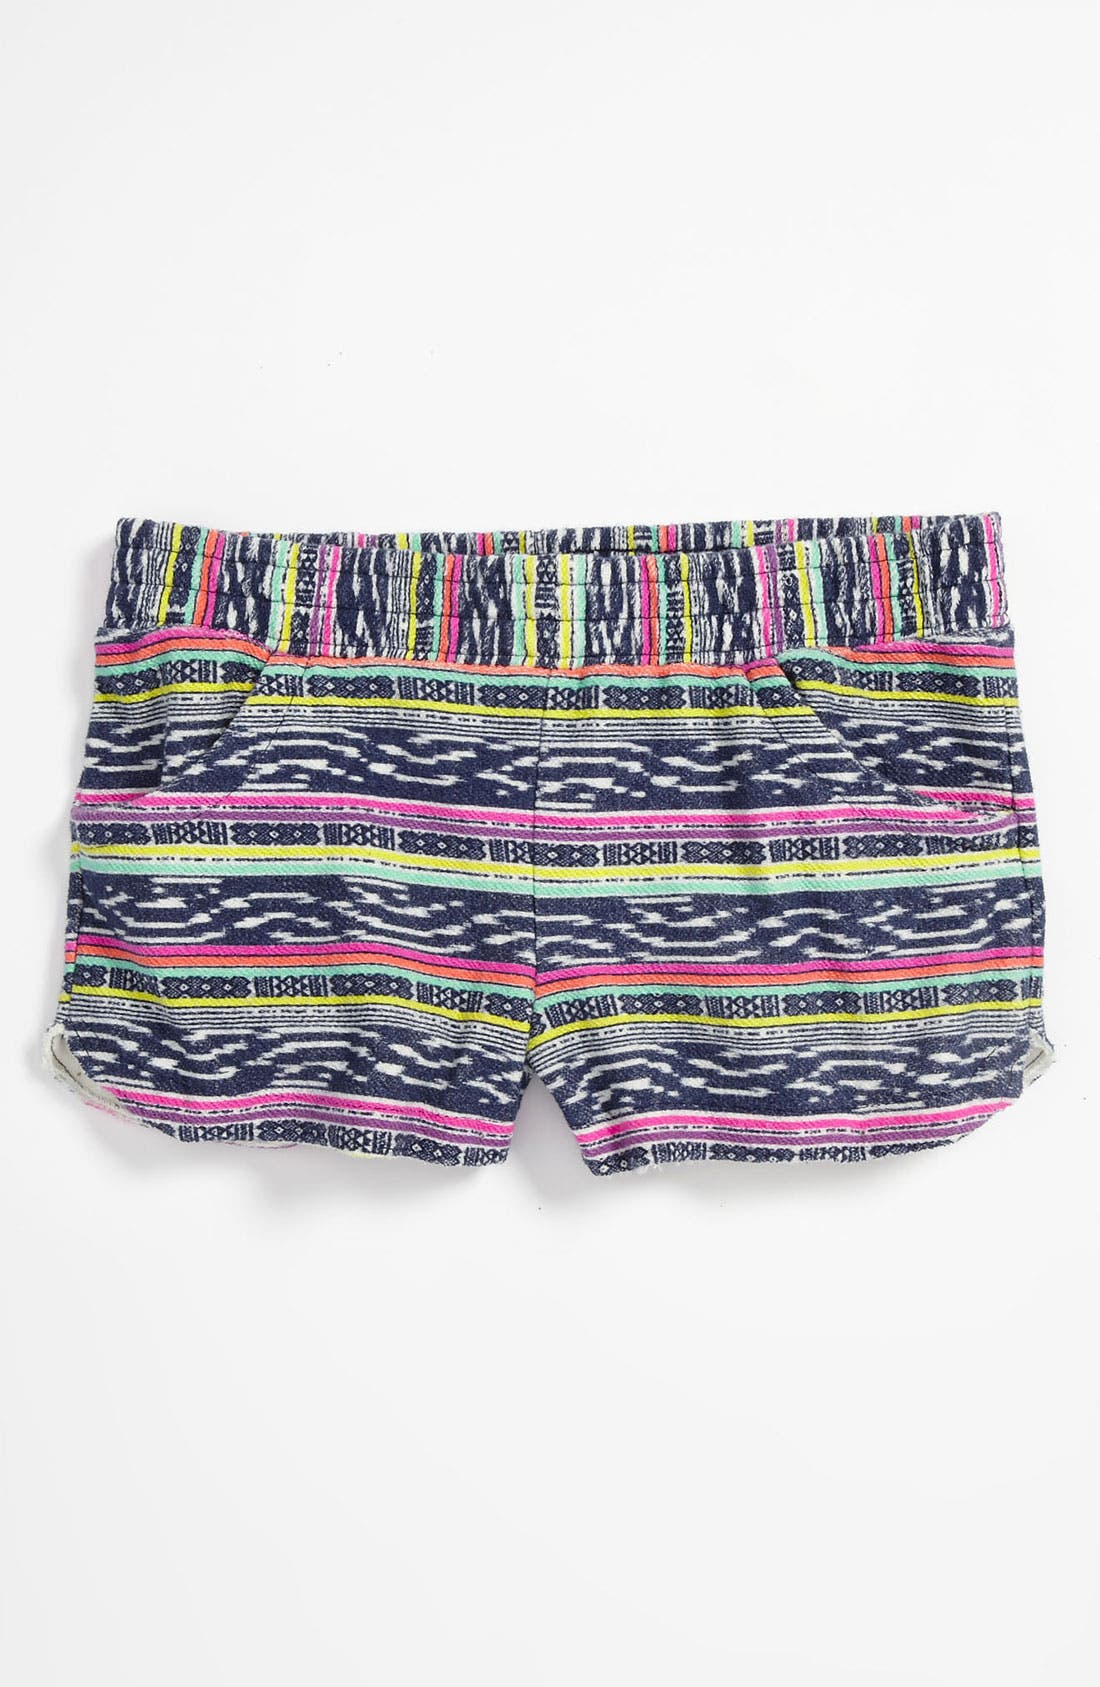 Alternate Image 1 Selected - Billabong 'Maui' Shorts (Big Girls)